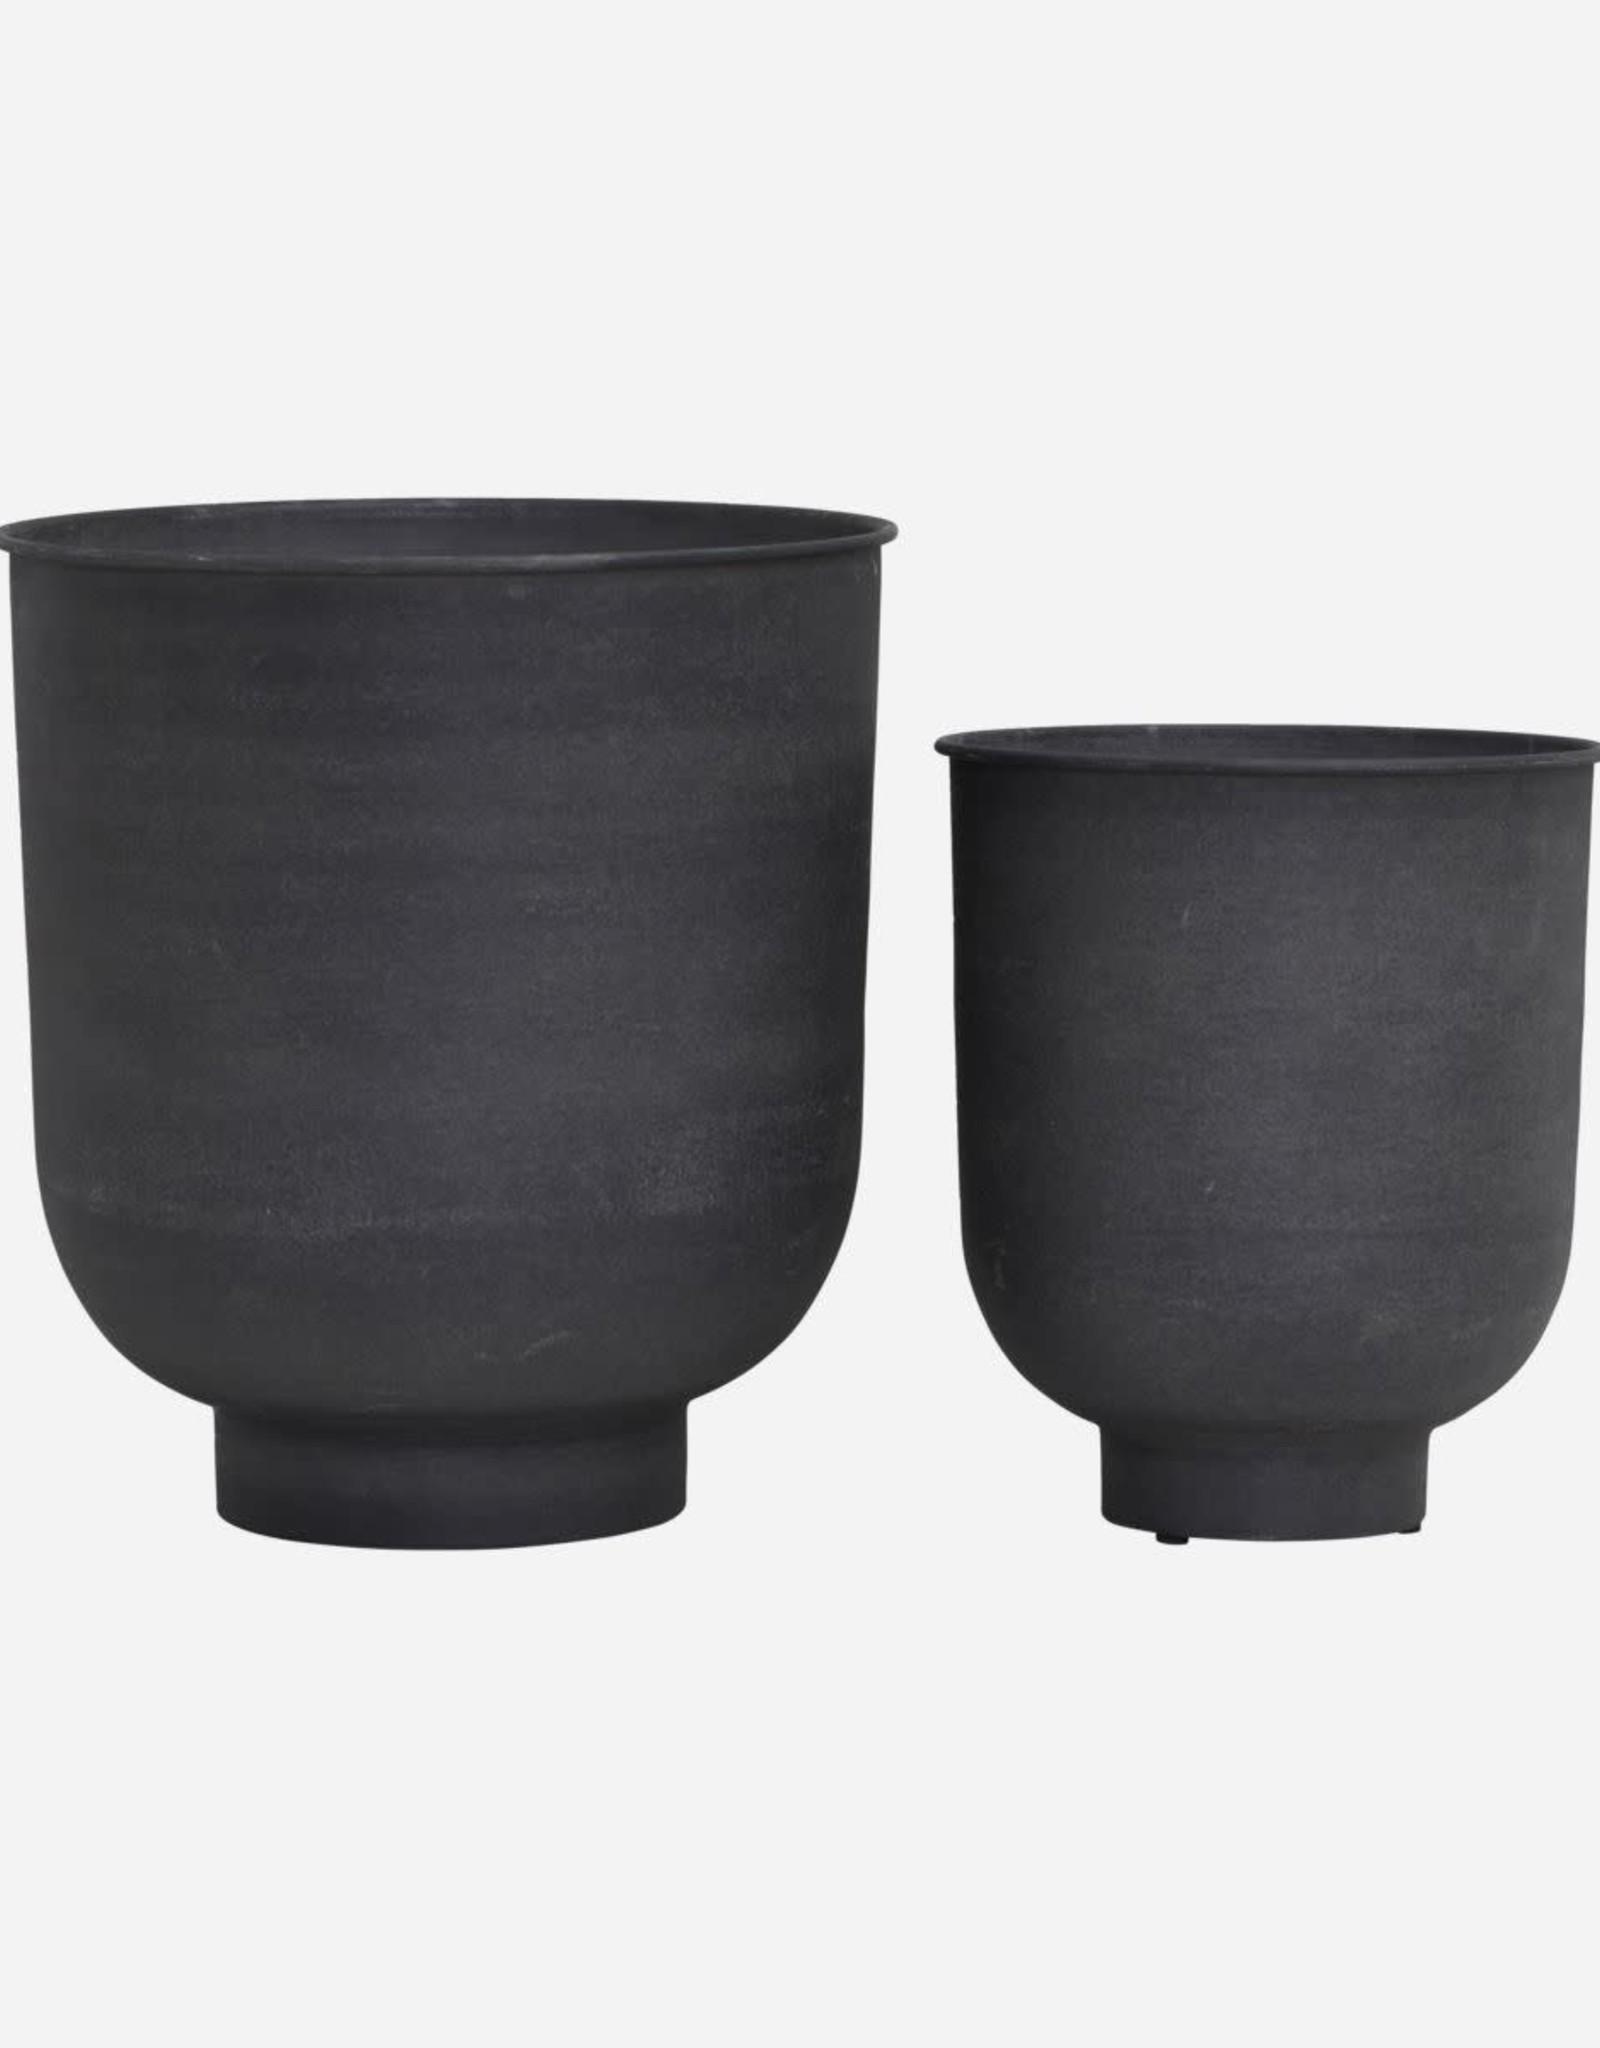 House Doctor - Pot Vig Large